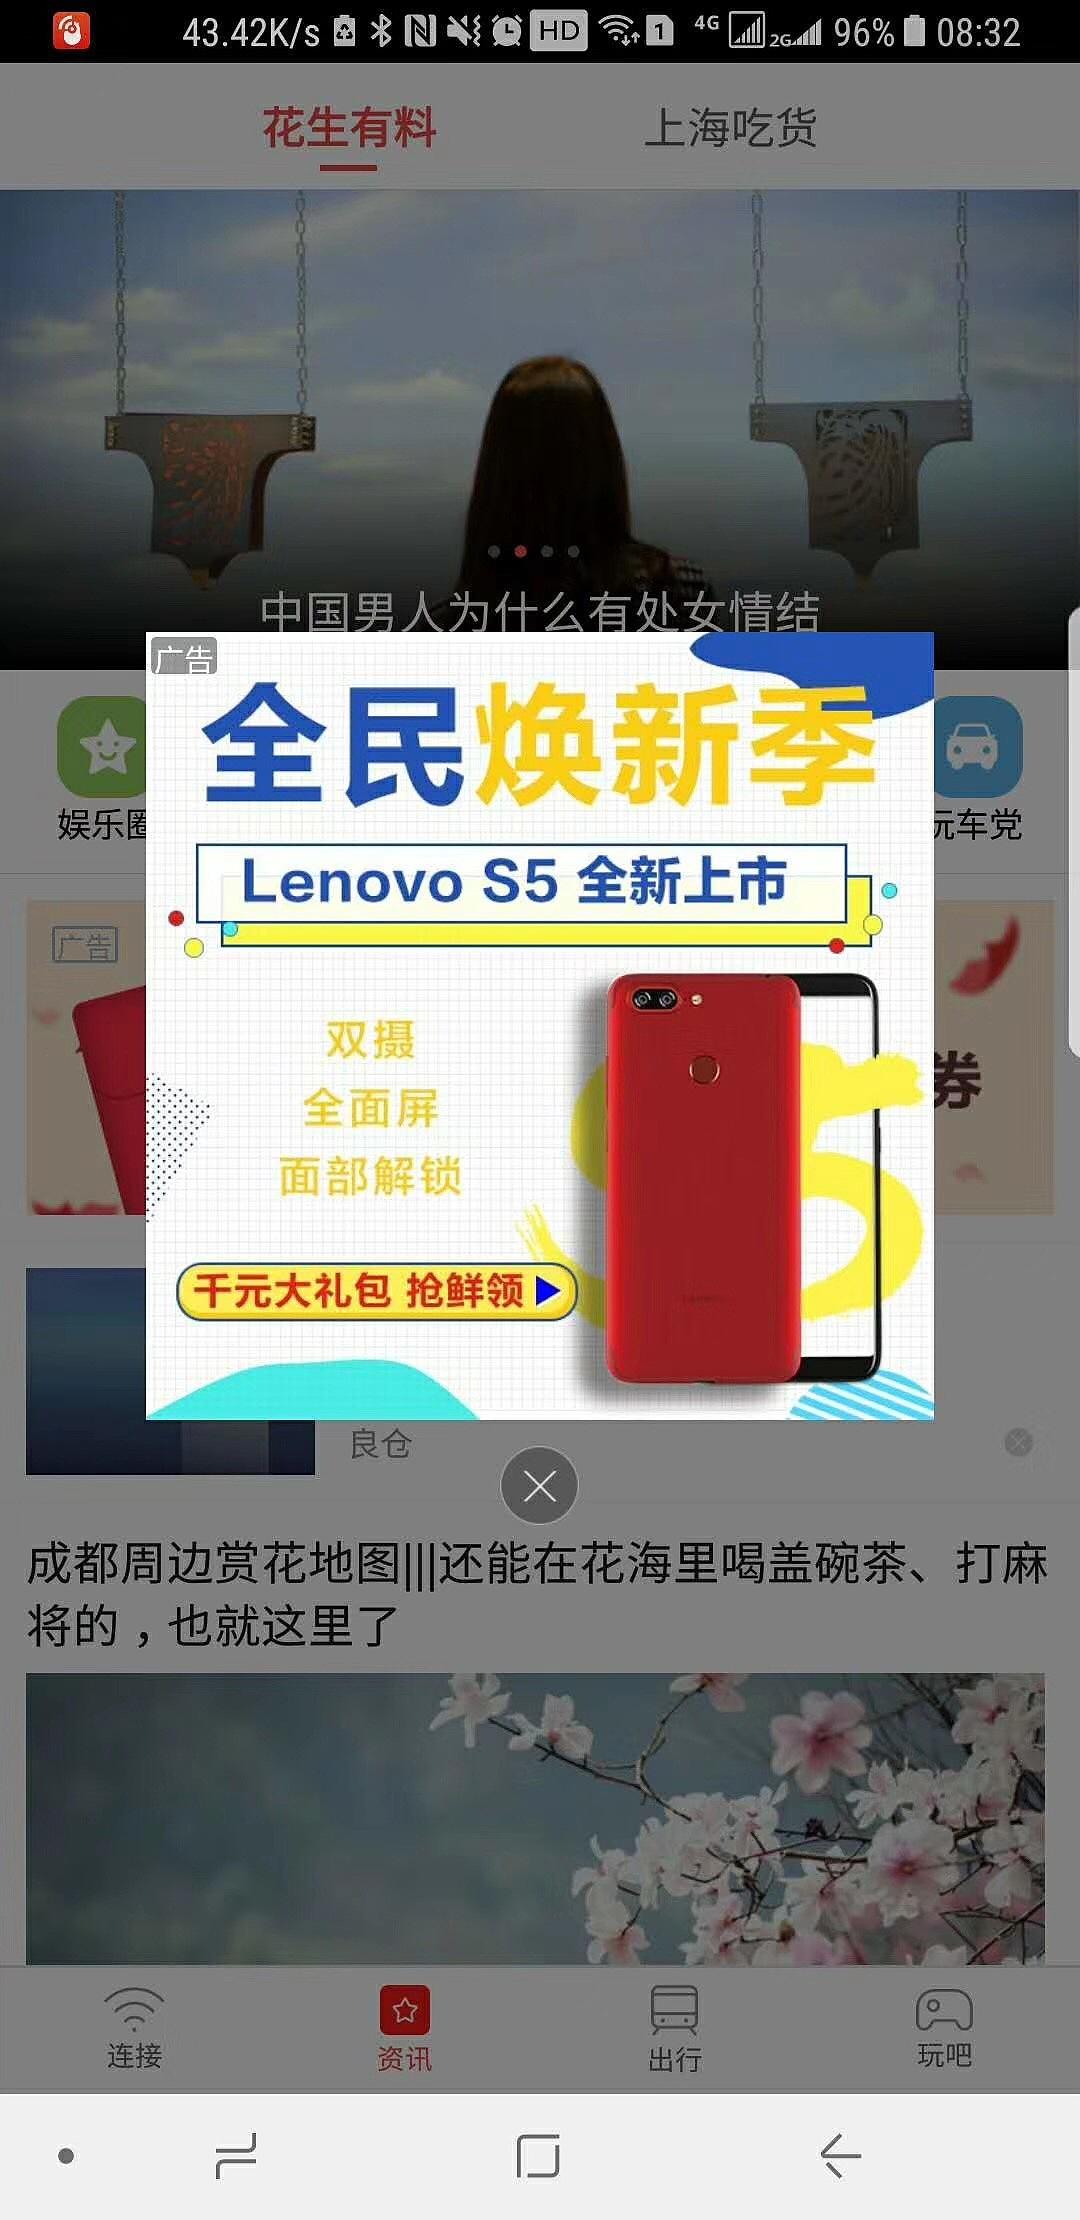 新品手机花生wifi推广广告